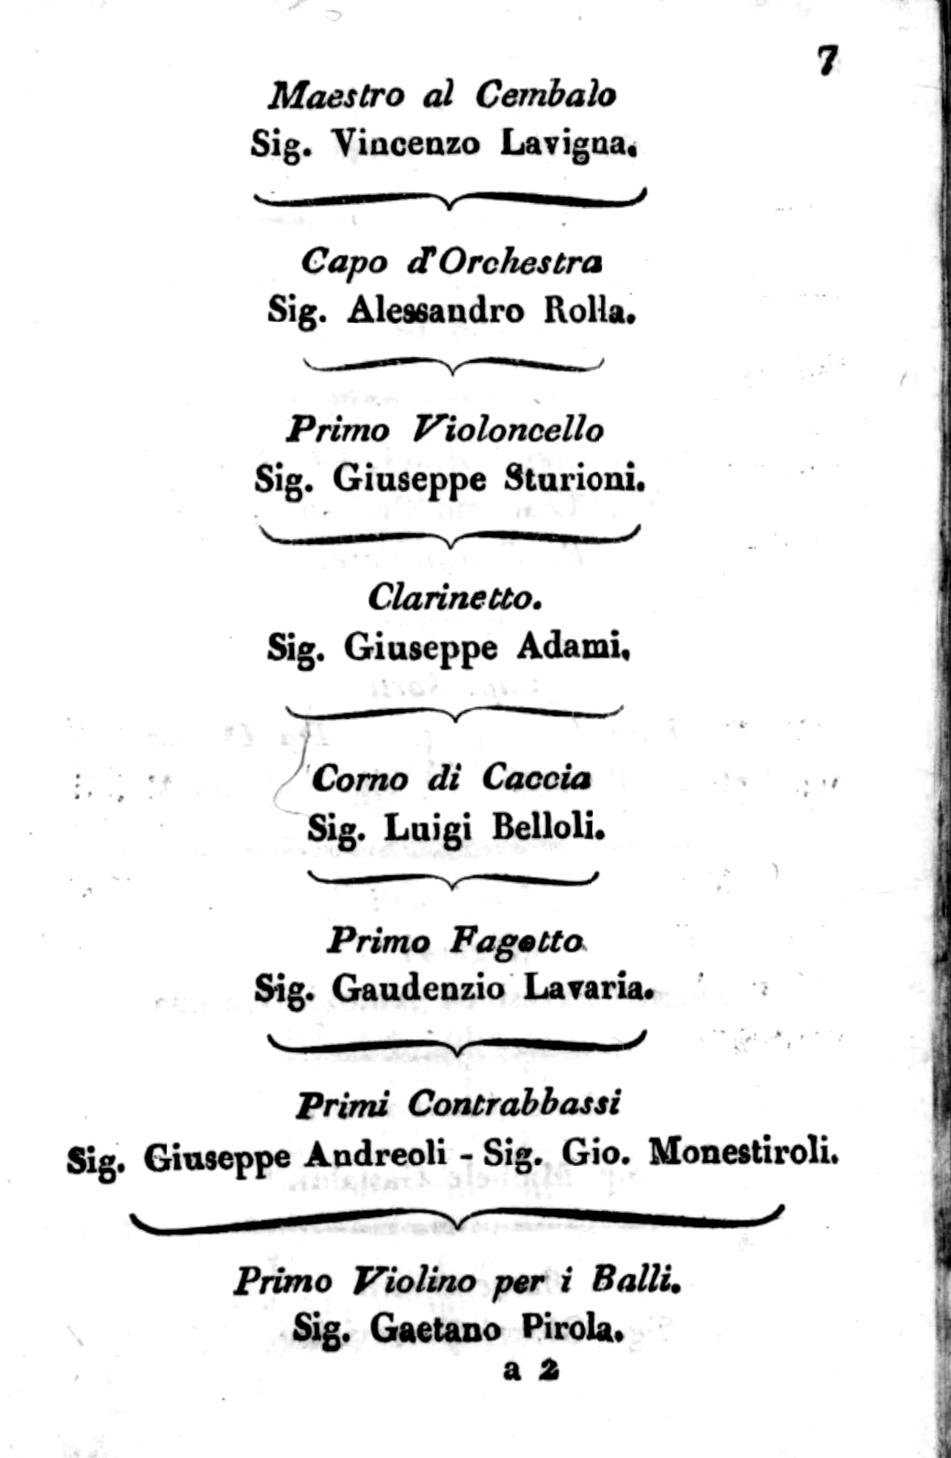 ミラノ・スカラ座歌劇場管弦楽団の歴史 1811年~1820年_b0189423_17195470.jpg